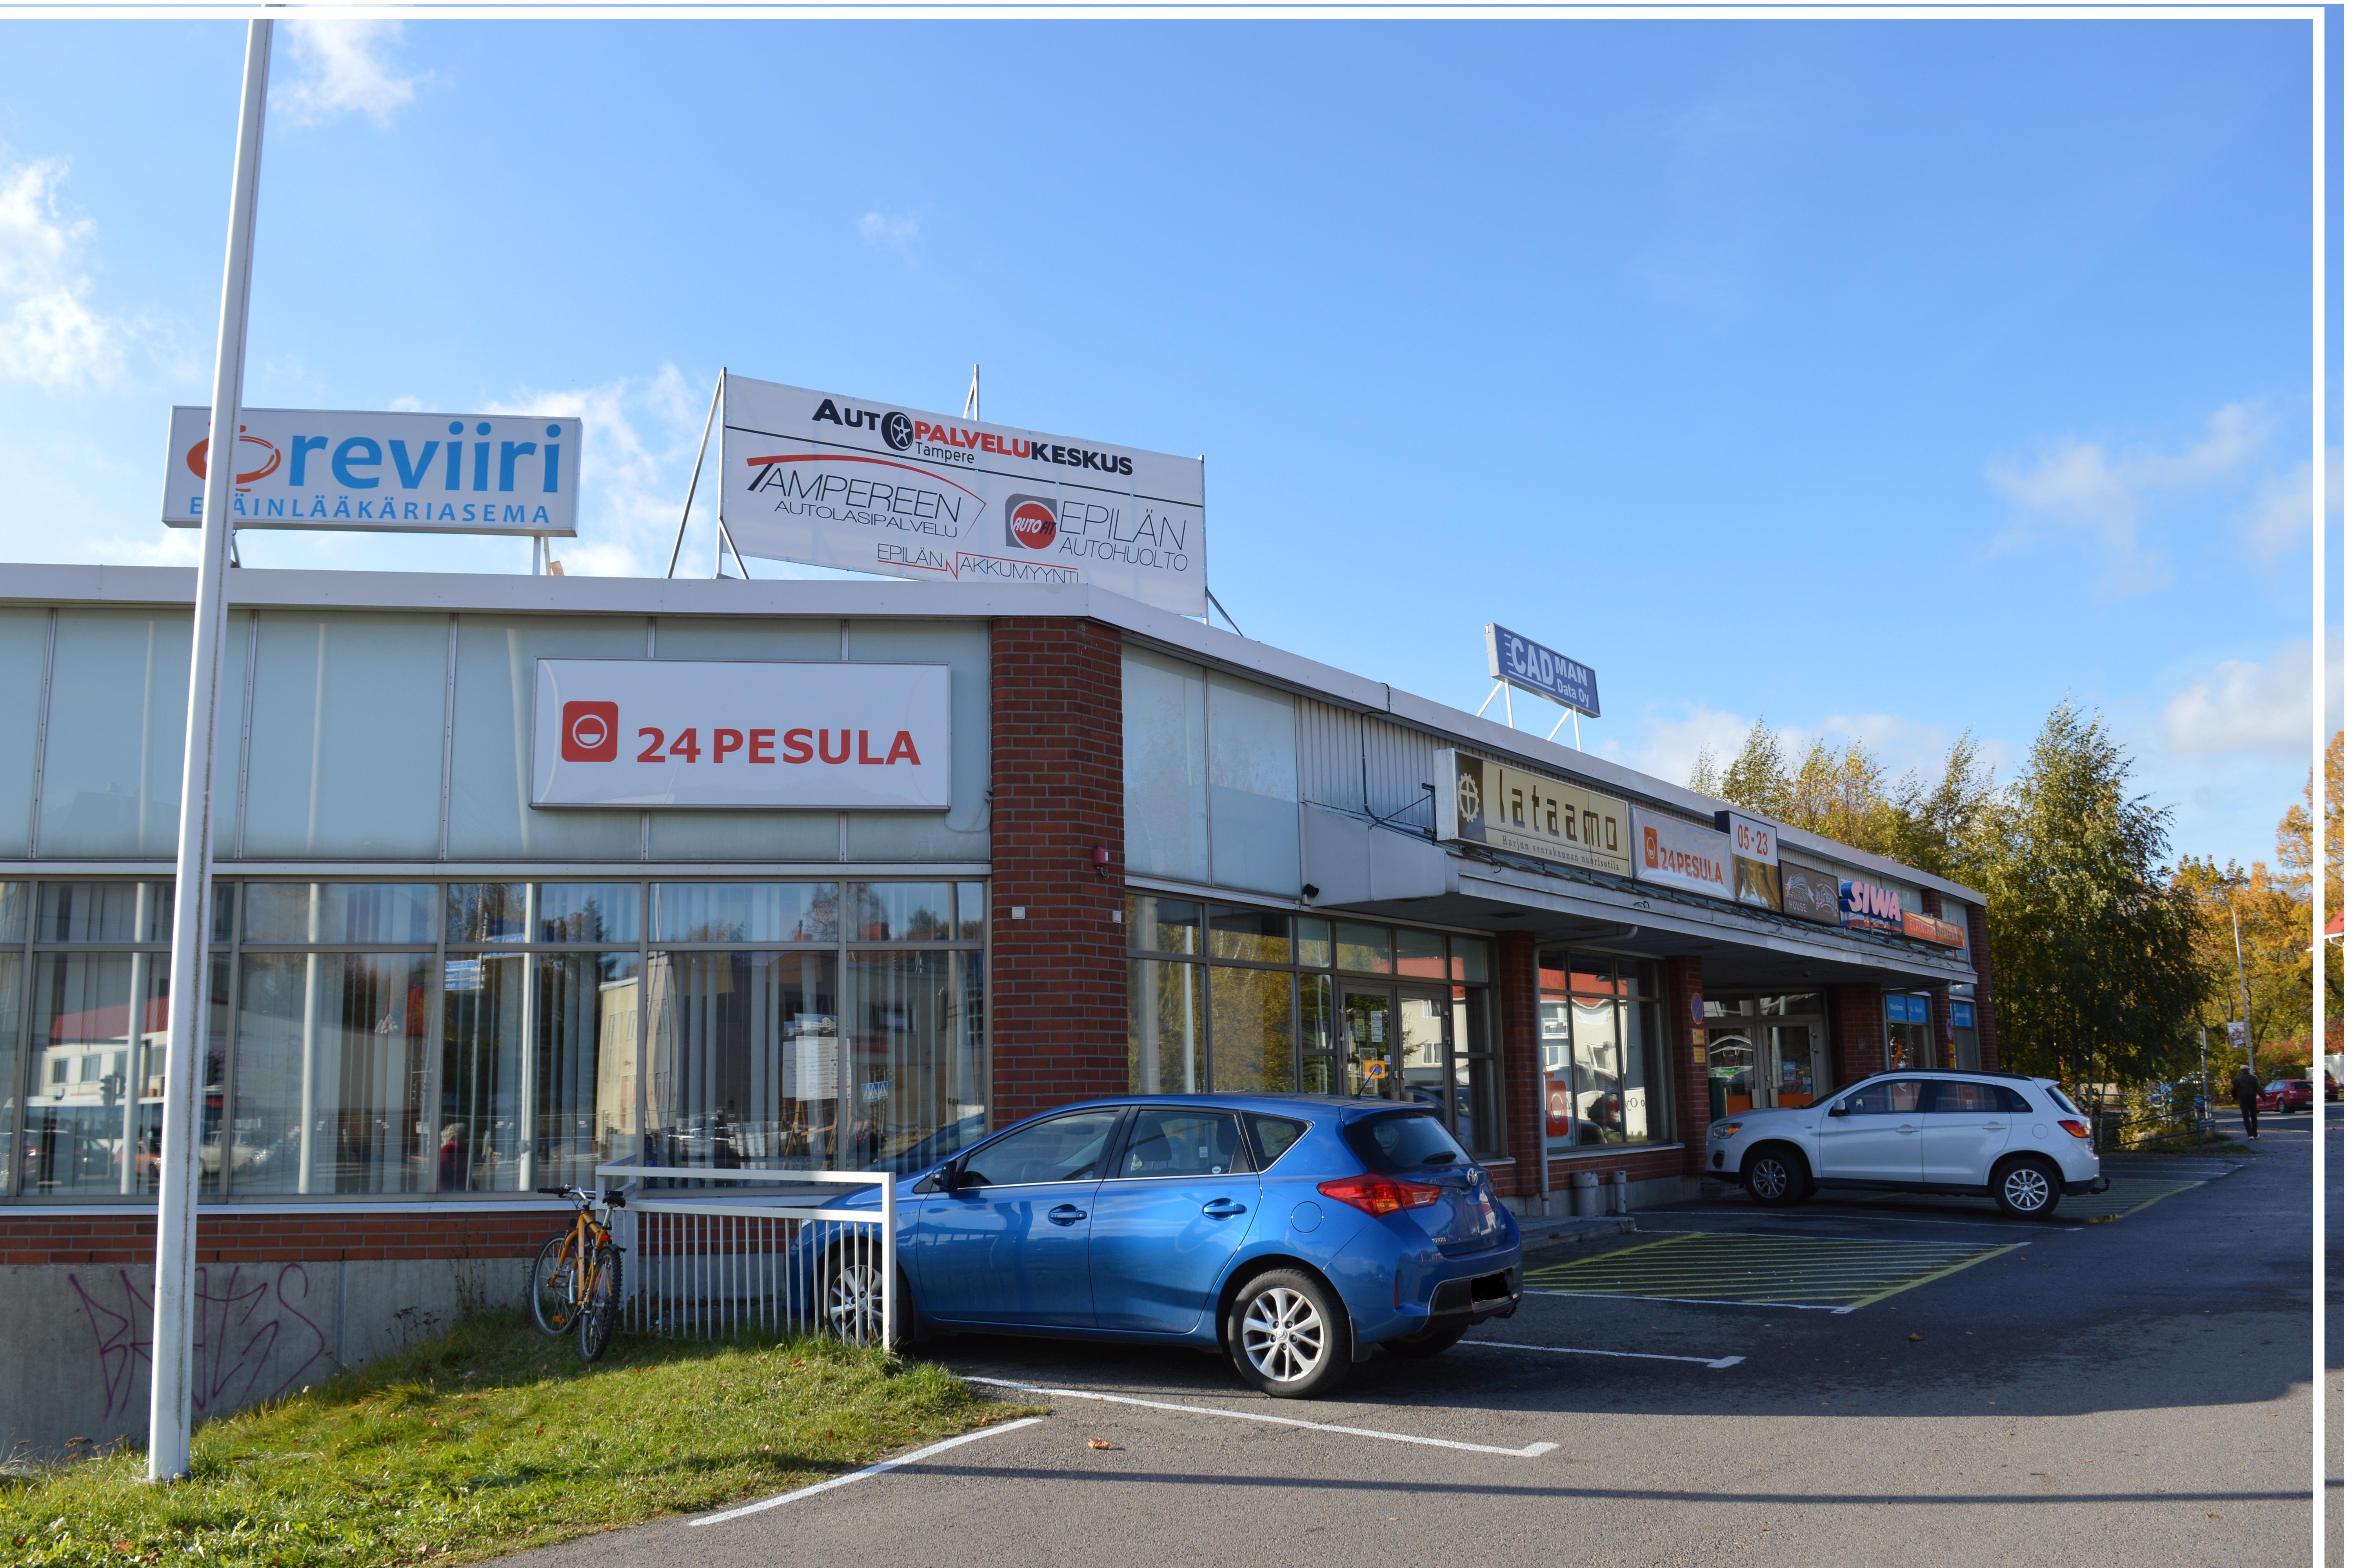 Autopalvelukeskus Tampere, käynti yritykseen liikekeskuksen alakerrasta